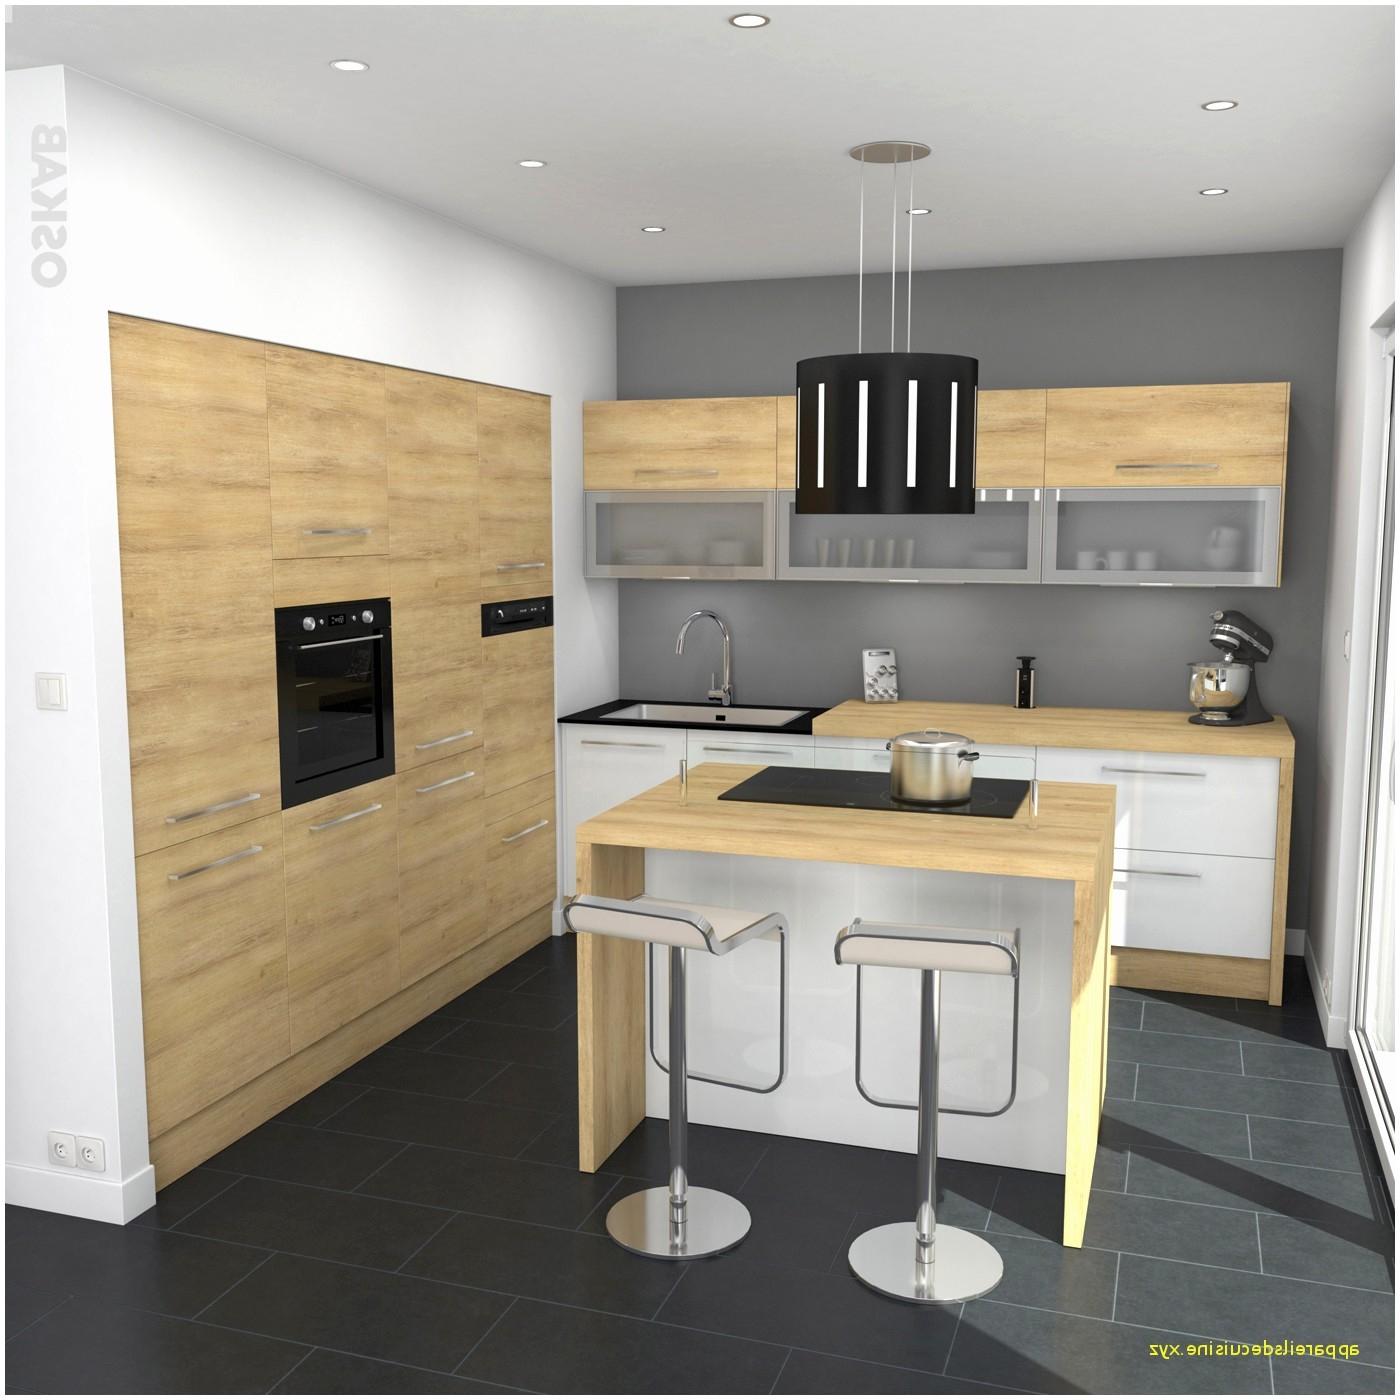 Interieur Maison De Luxe Cuisine Meilleur De Images 23 Nouveau Cuisine Bois Moderne Intérieur De La Maison